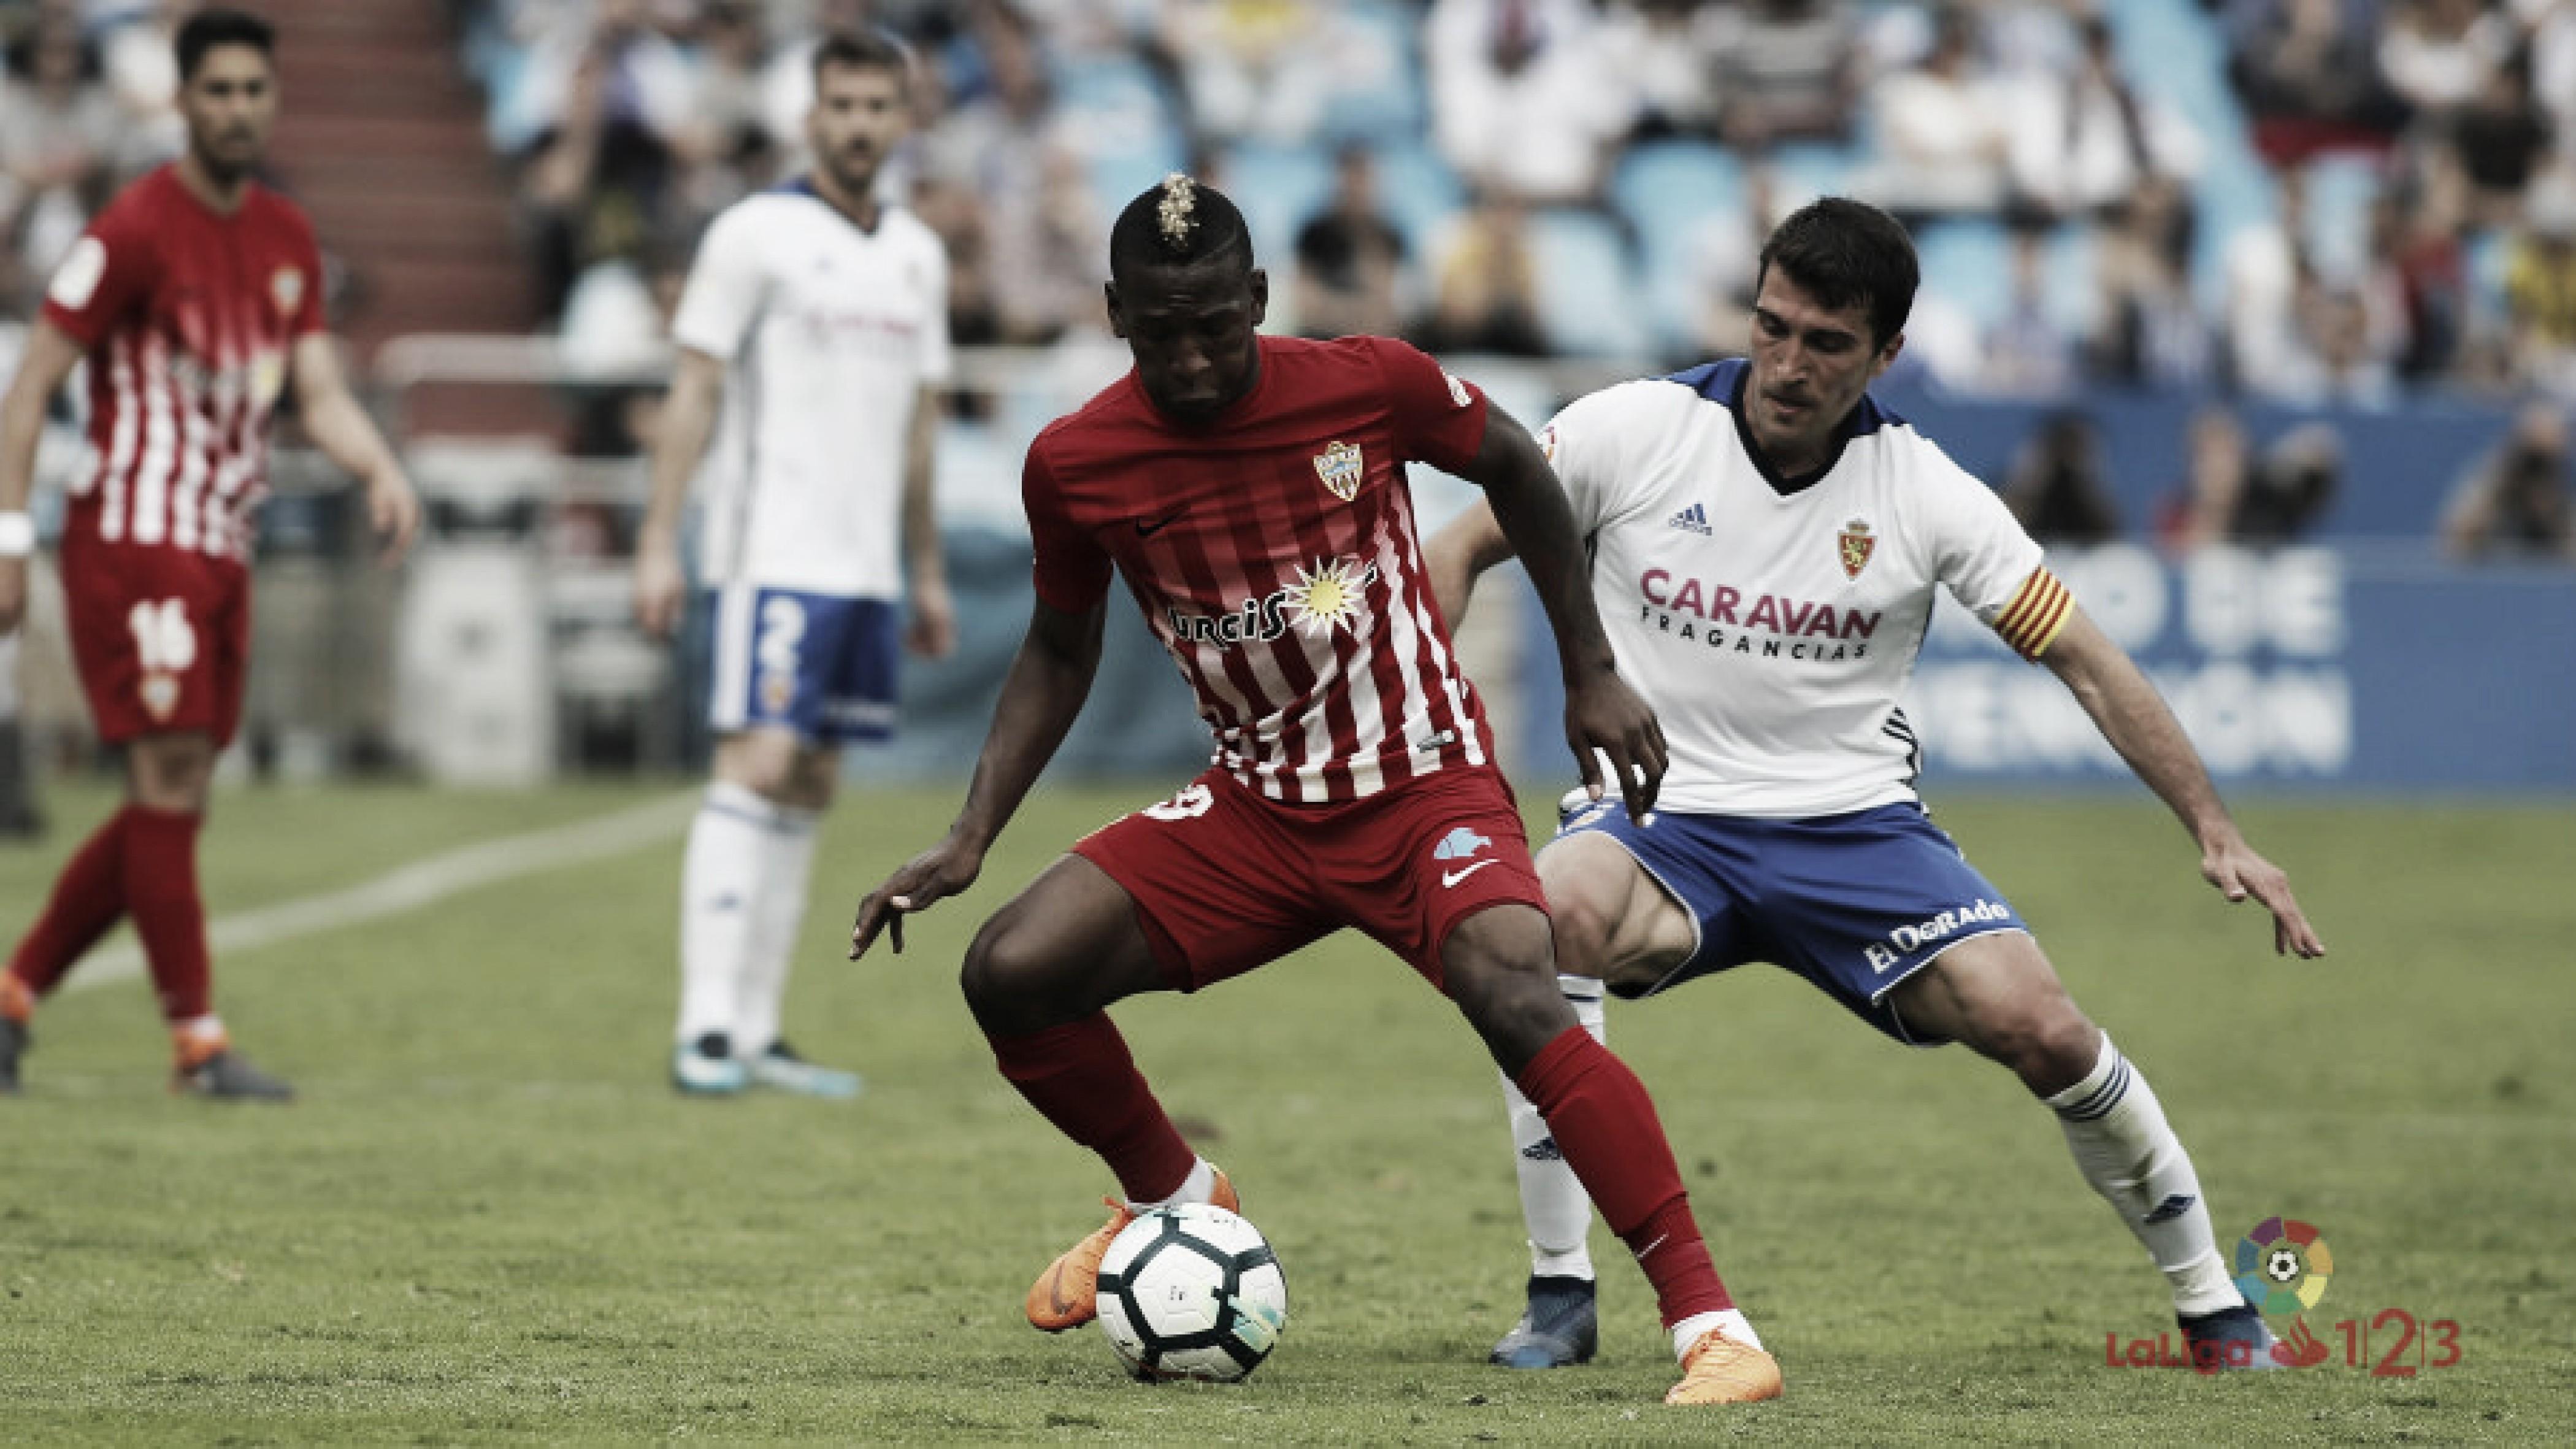 Previa UD Almería - Real Zaragoza: en busca de la primera victoria liguera